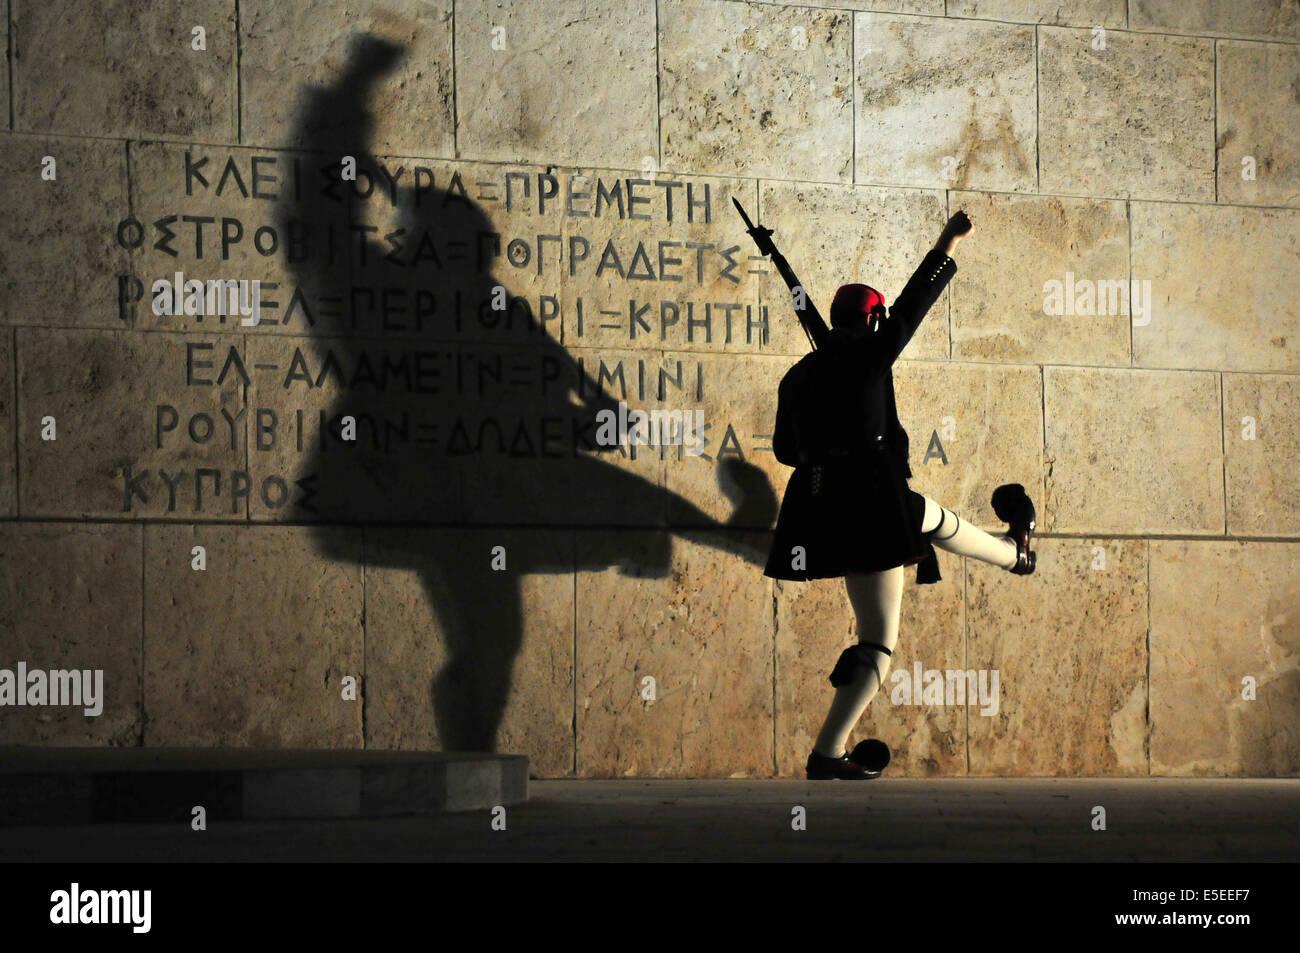 """Um """"Evzones' soldado em uniforme tradicional executa uma rotina de marcha marcial elaborar durante a noite Imagens de Stock"""